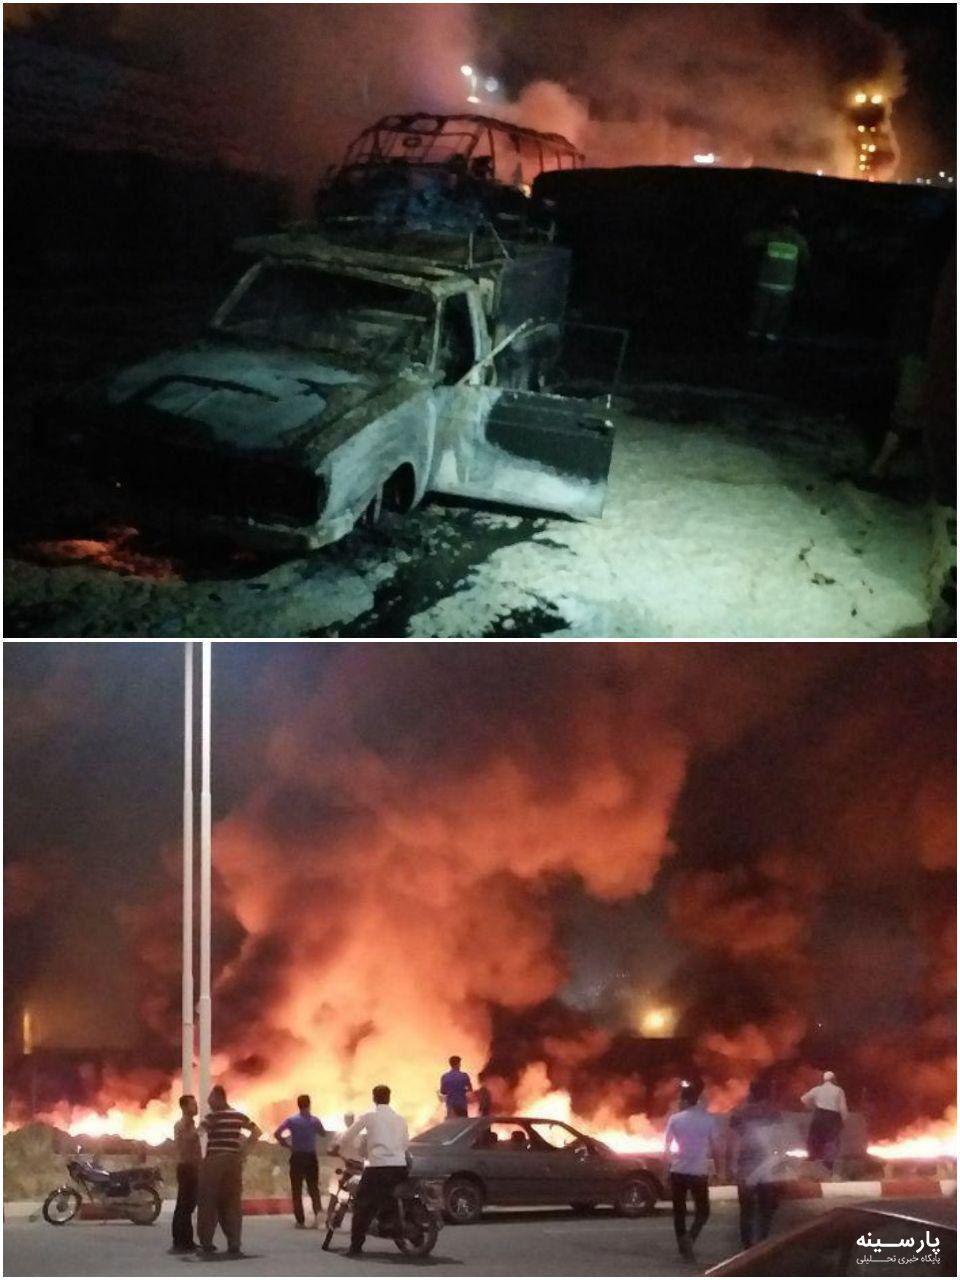 در برخورد تانکر سوخت با اتوبوس در سنندج دستکم ۱۵ نفر کشته شدند +ویدیو